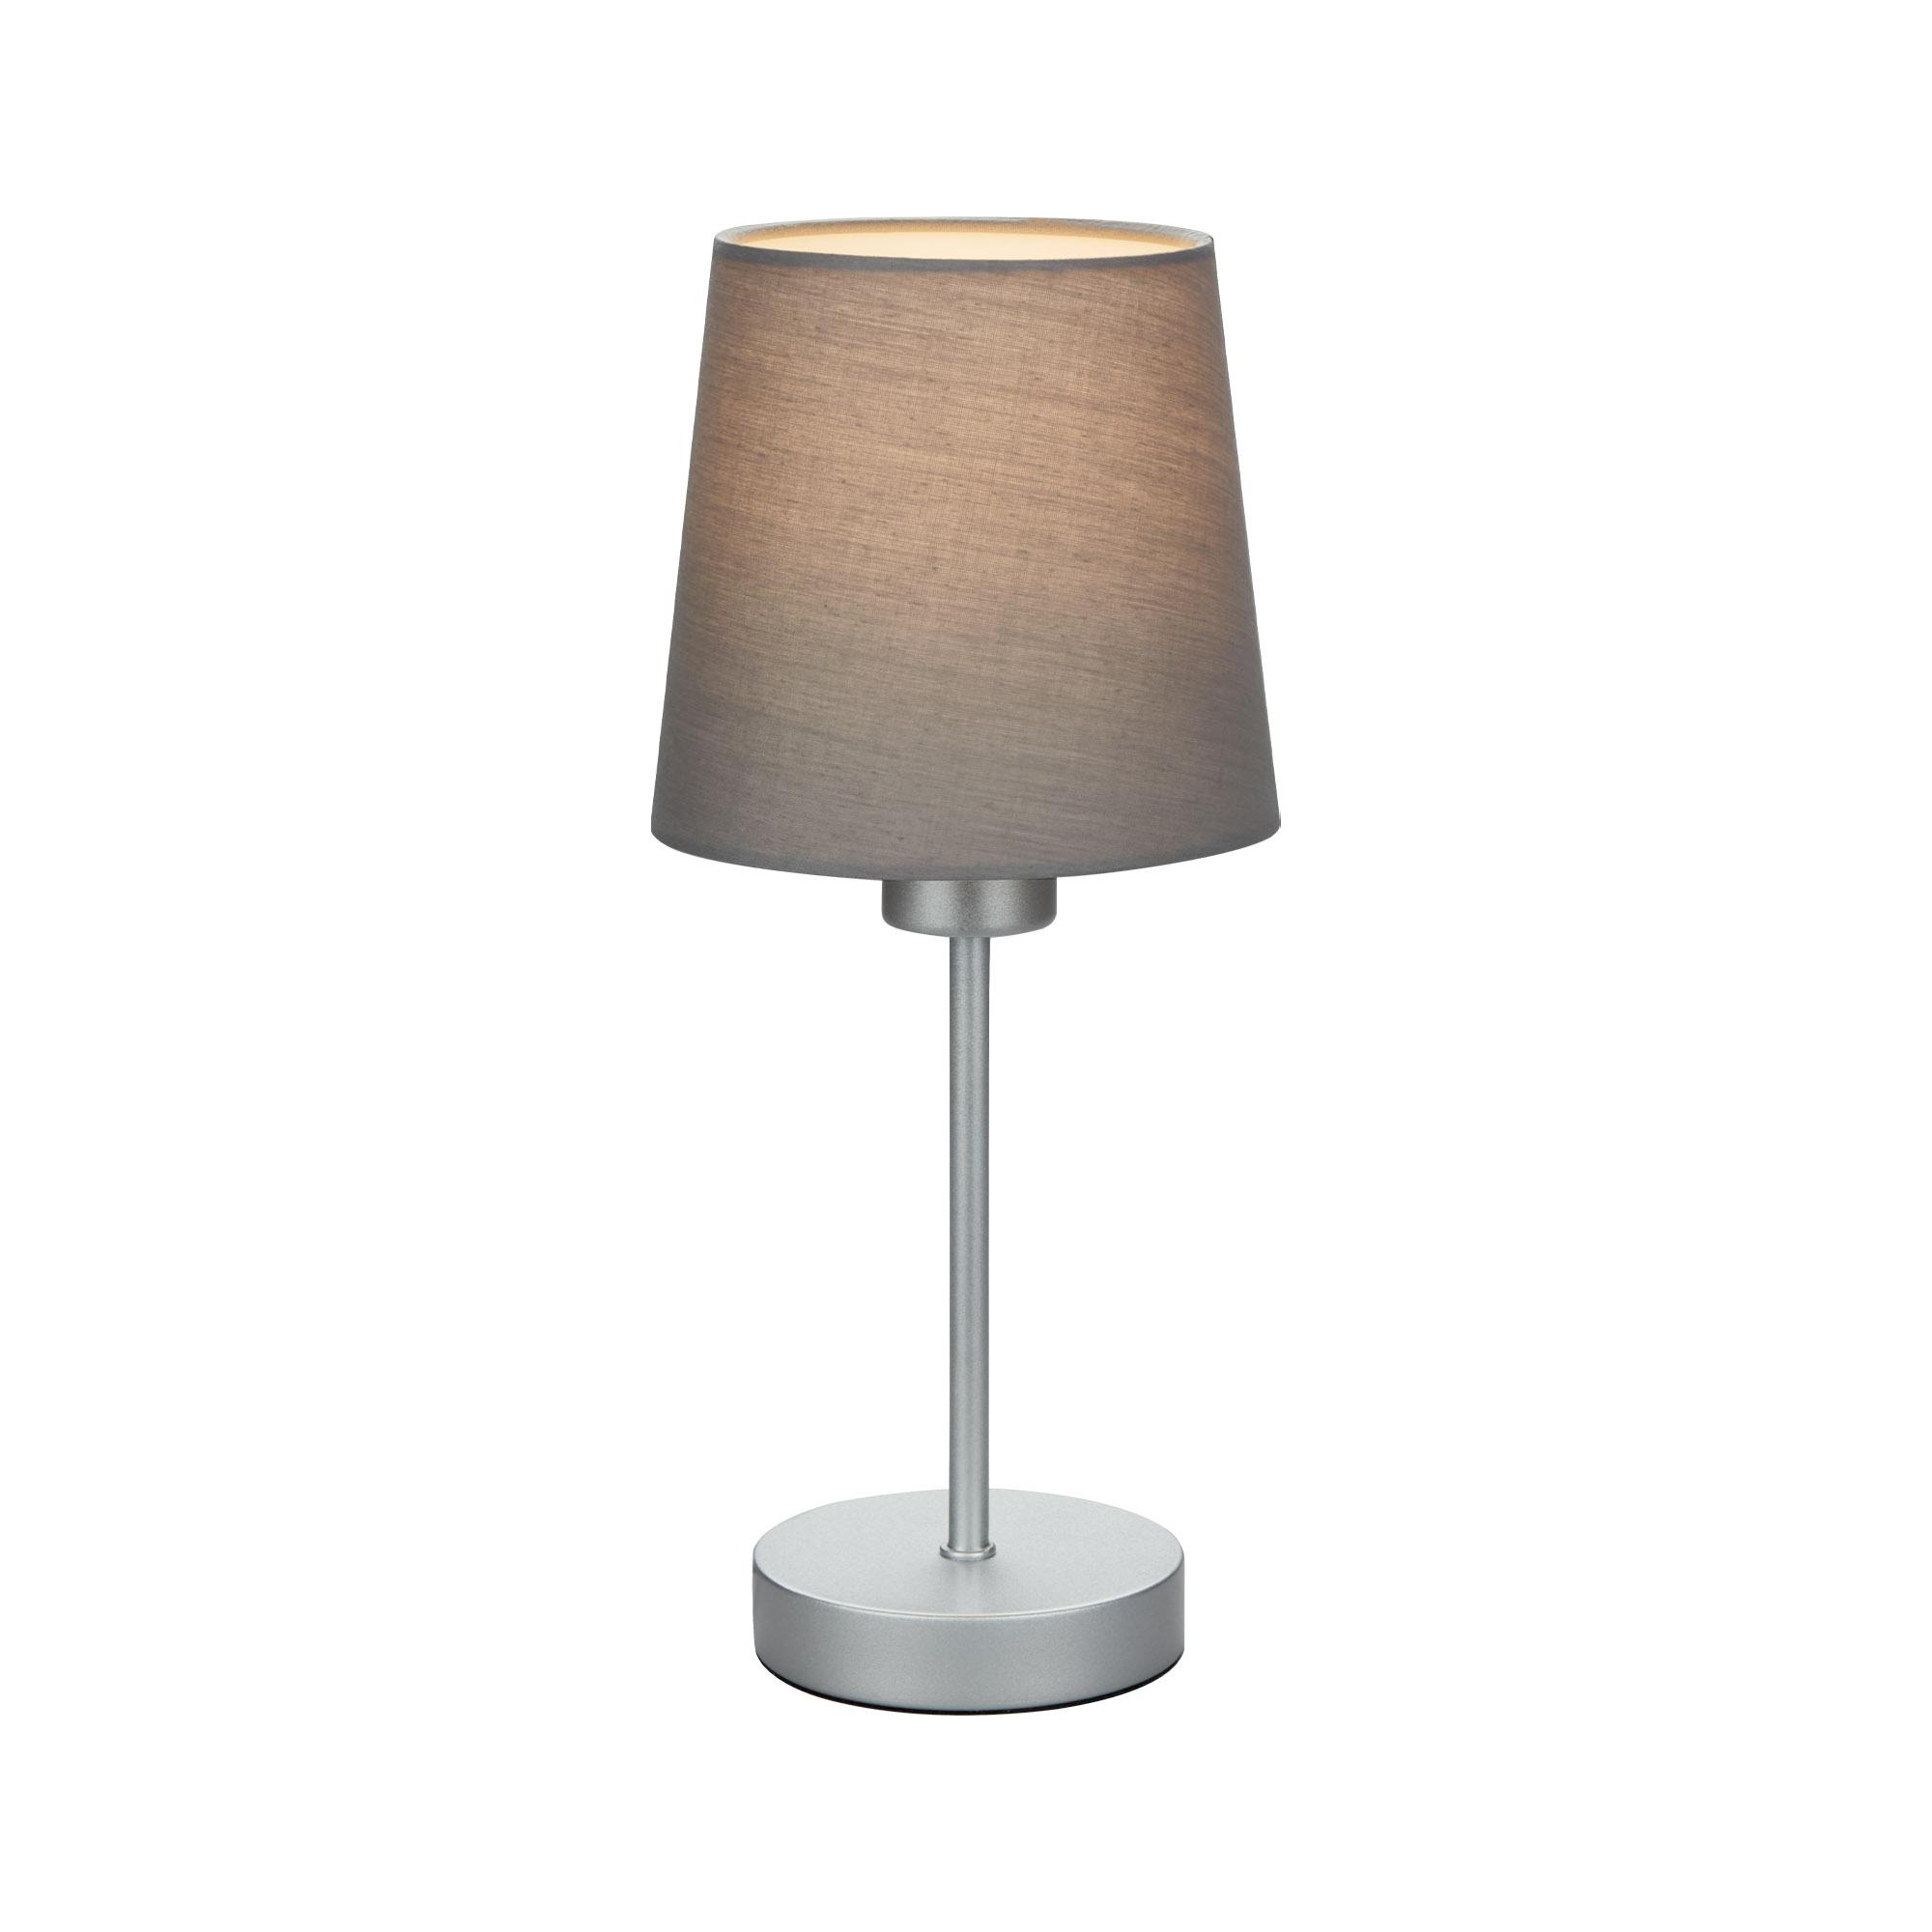 Tischleuchte, 31,4 cm, max. 25 W, Grau-Silber